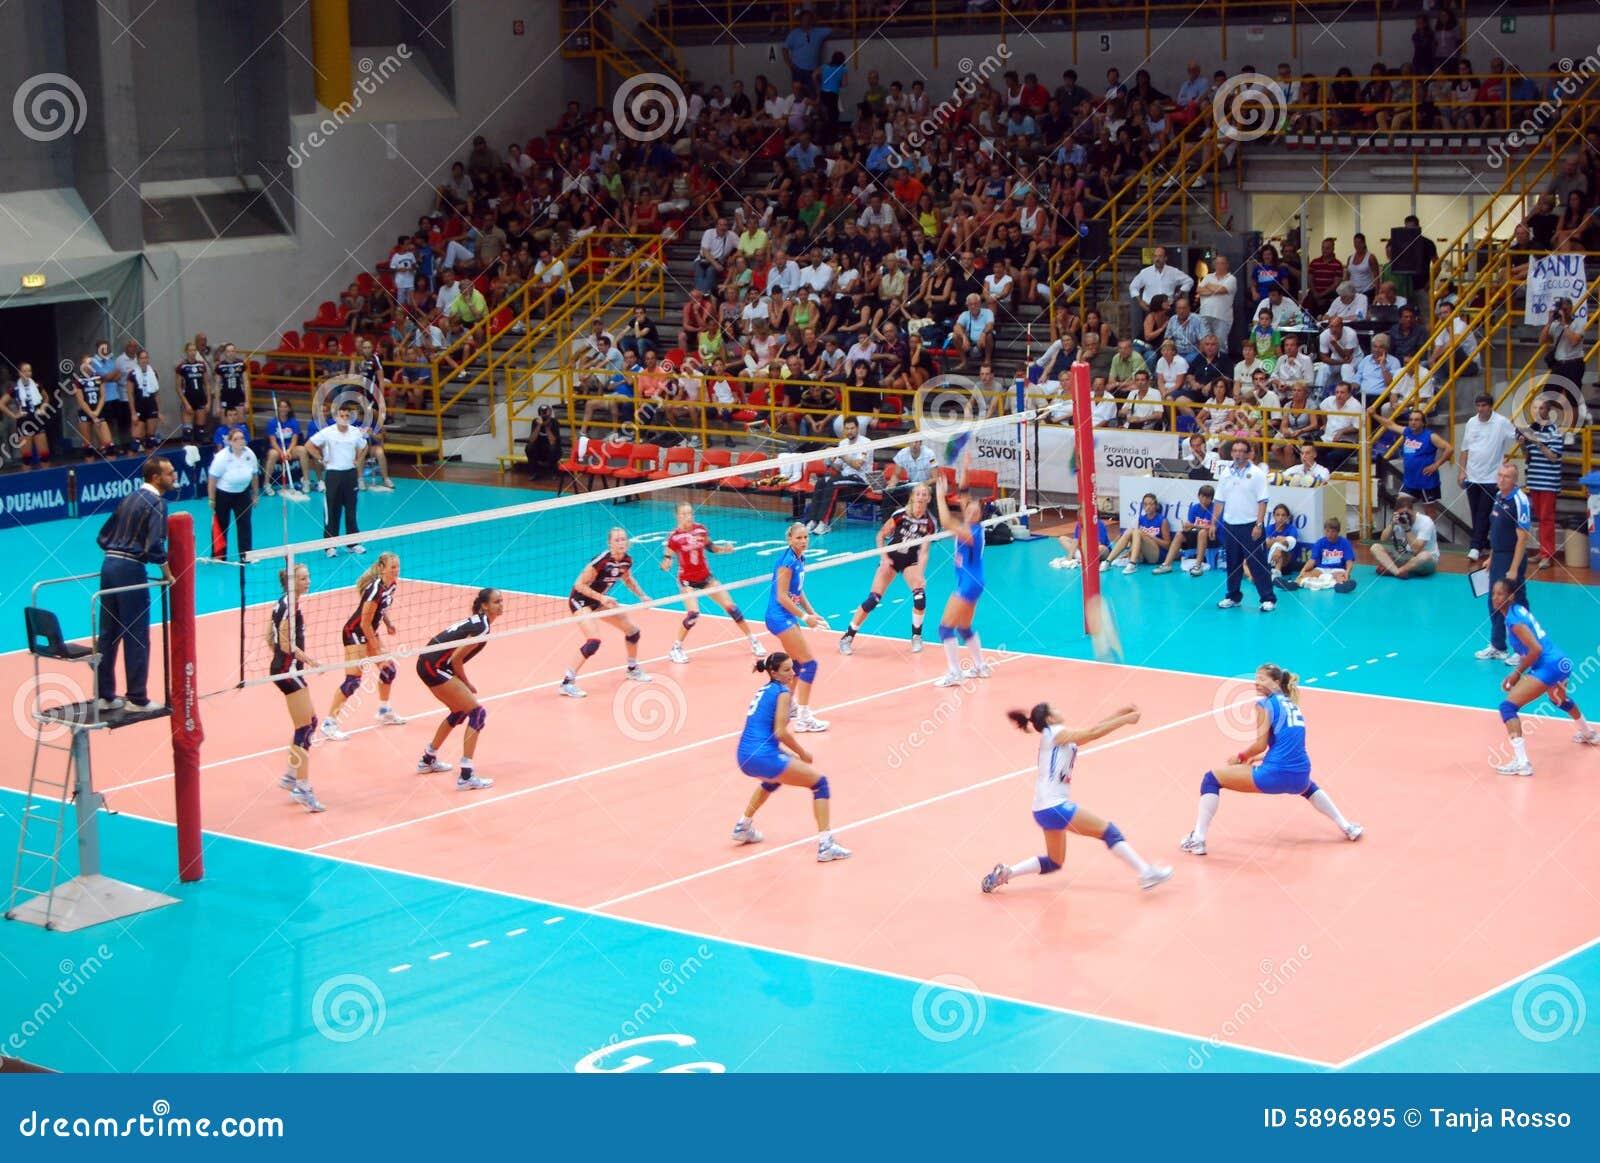 Pallavolo partita amichevole di preolympic immagine - Campi da pallavolo gratis stampabili ...